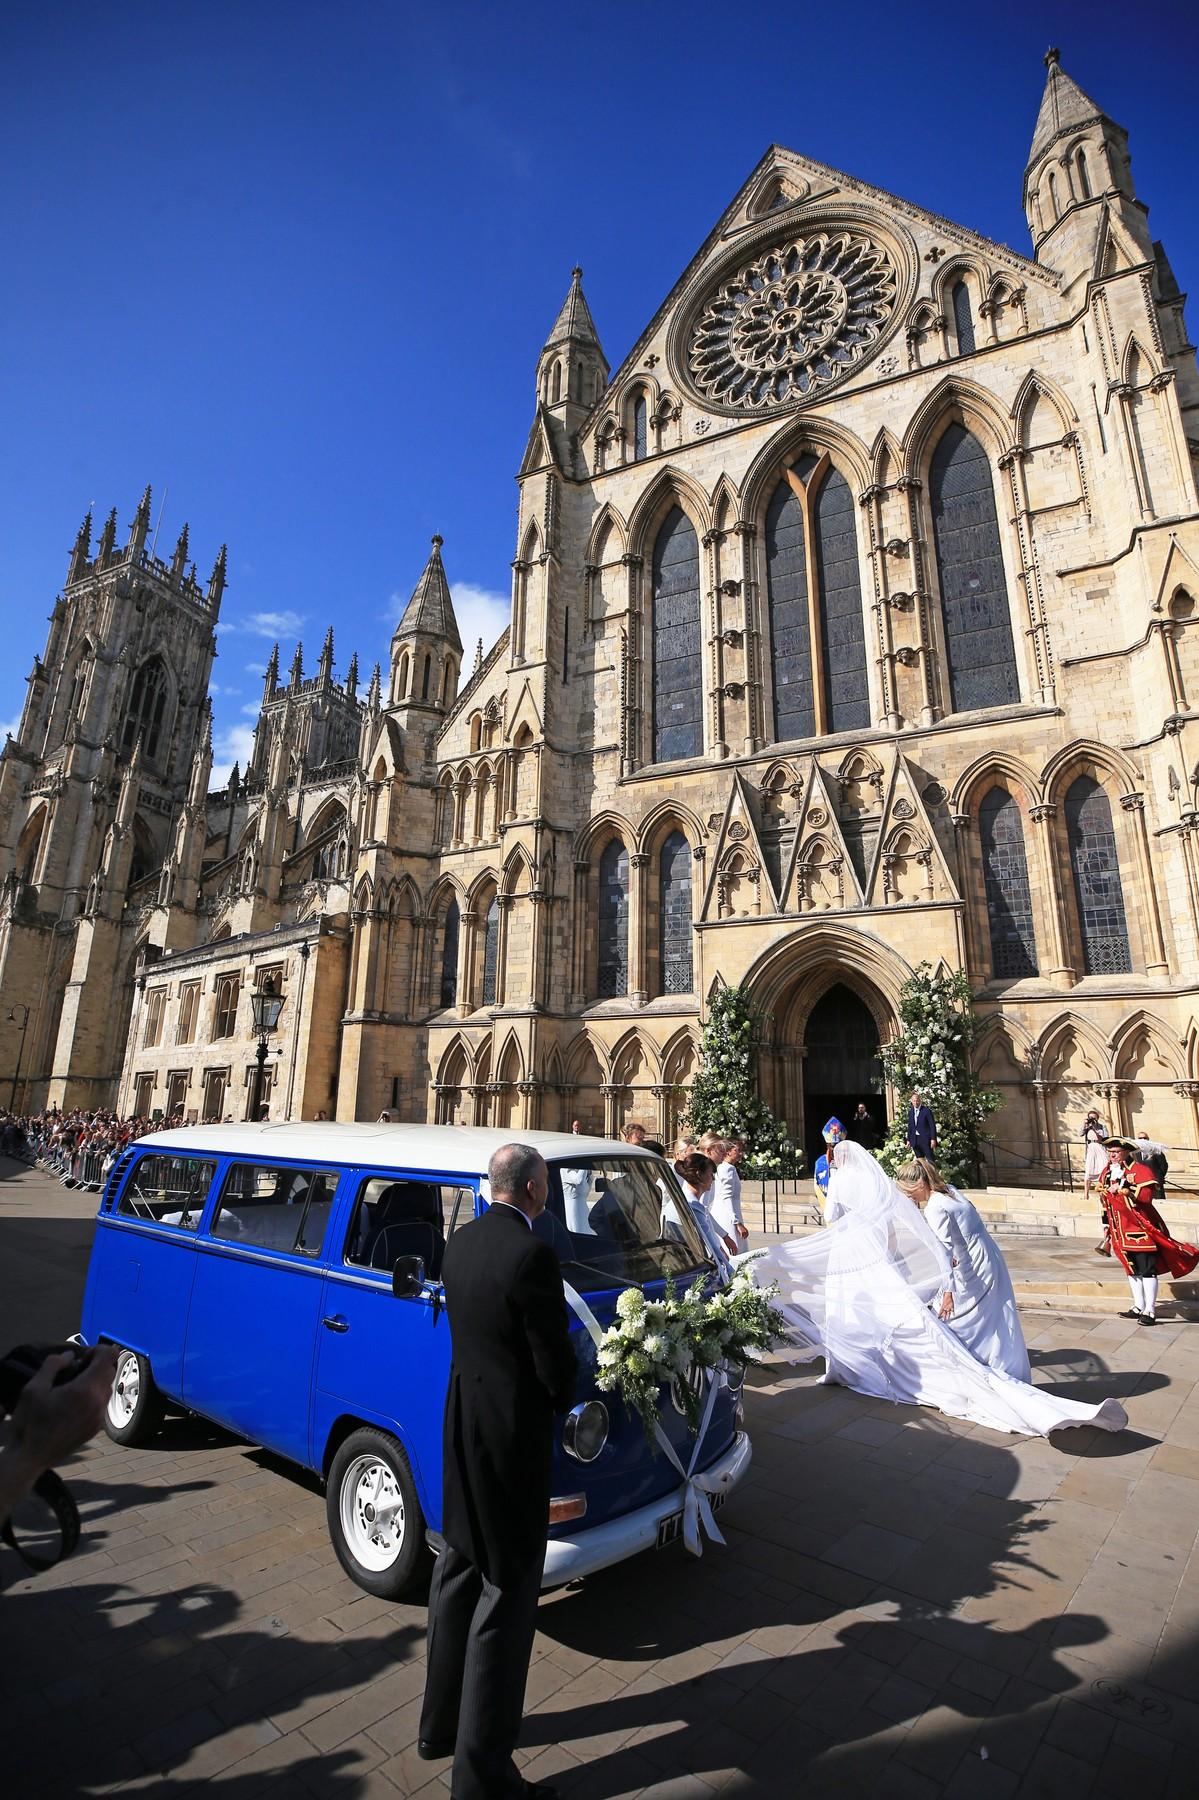 Ellie Goulding arrives at York Minster for her wedding to Caspar Jopling., Image: 468259591, License: Rights-managed, Restrictions: , Model Release: no, Credit line: Profimedia, Press Association